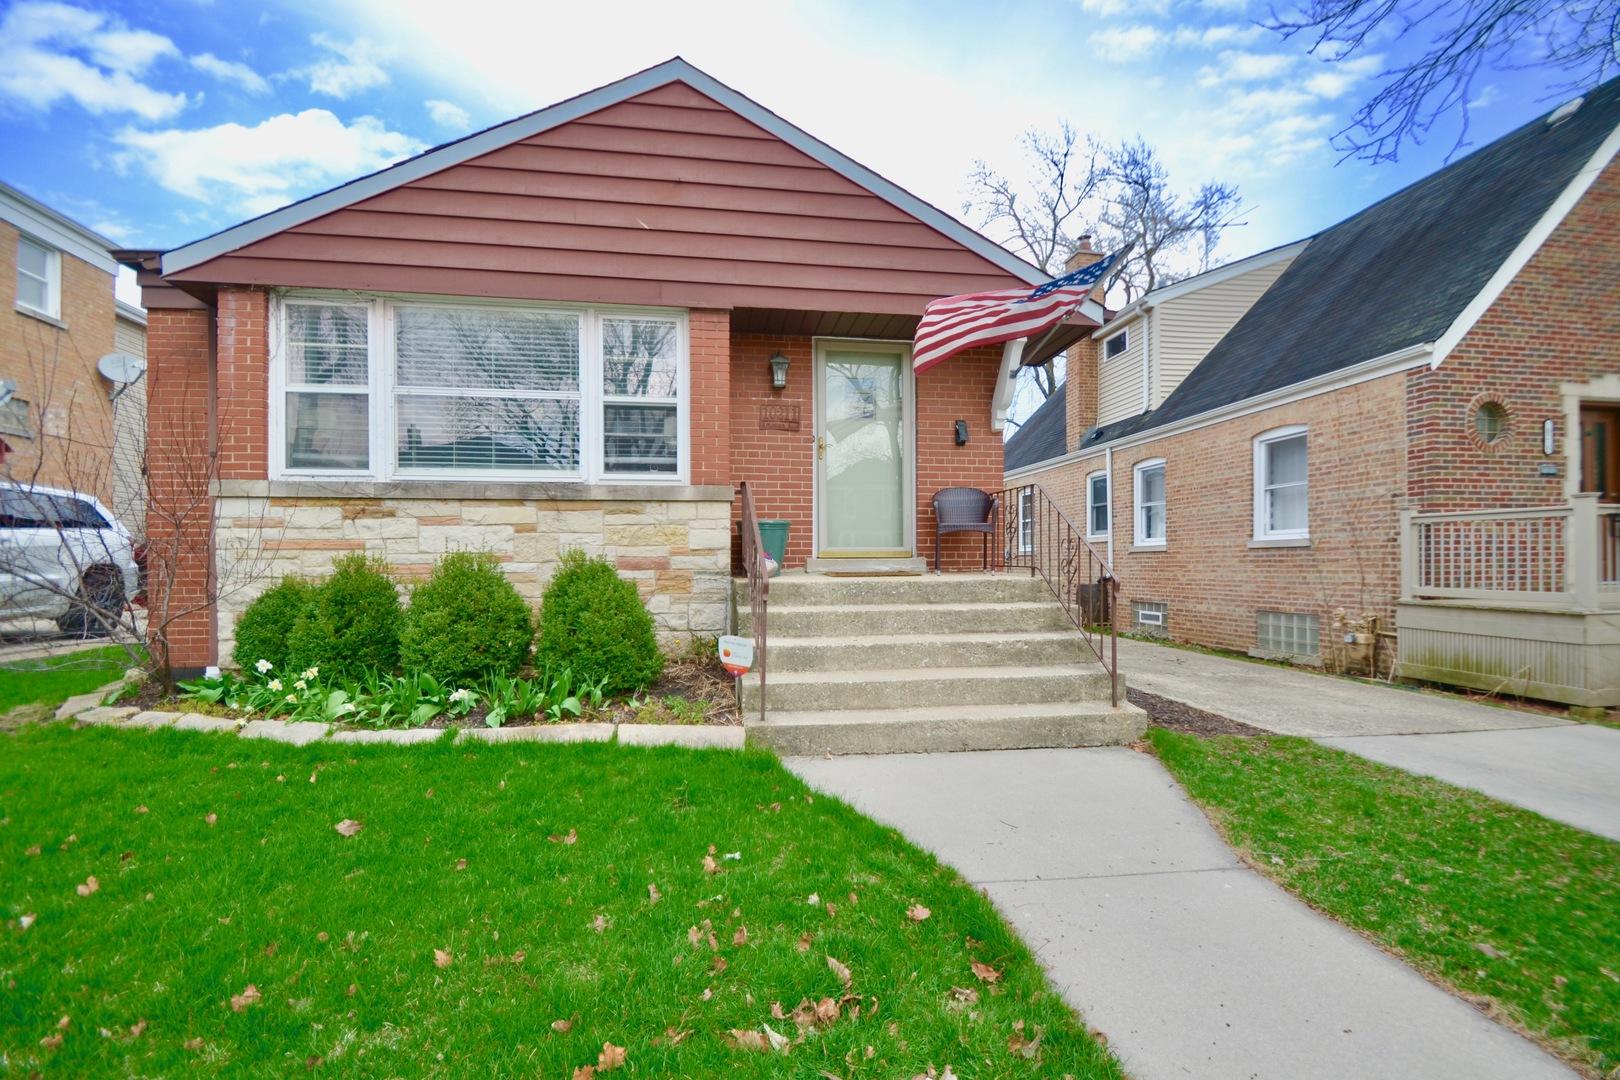 Photo of 10211 Artesian Chicago IL 60655